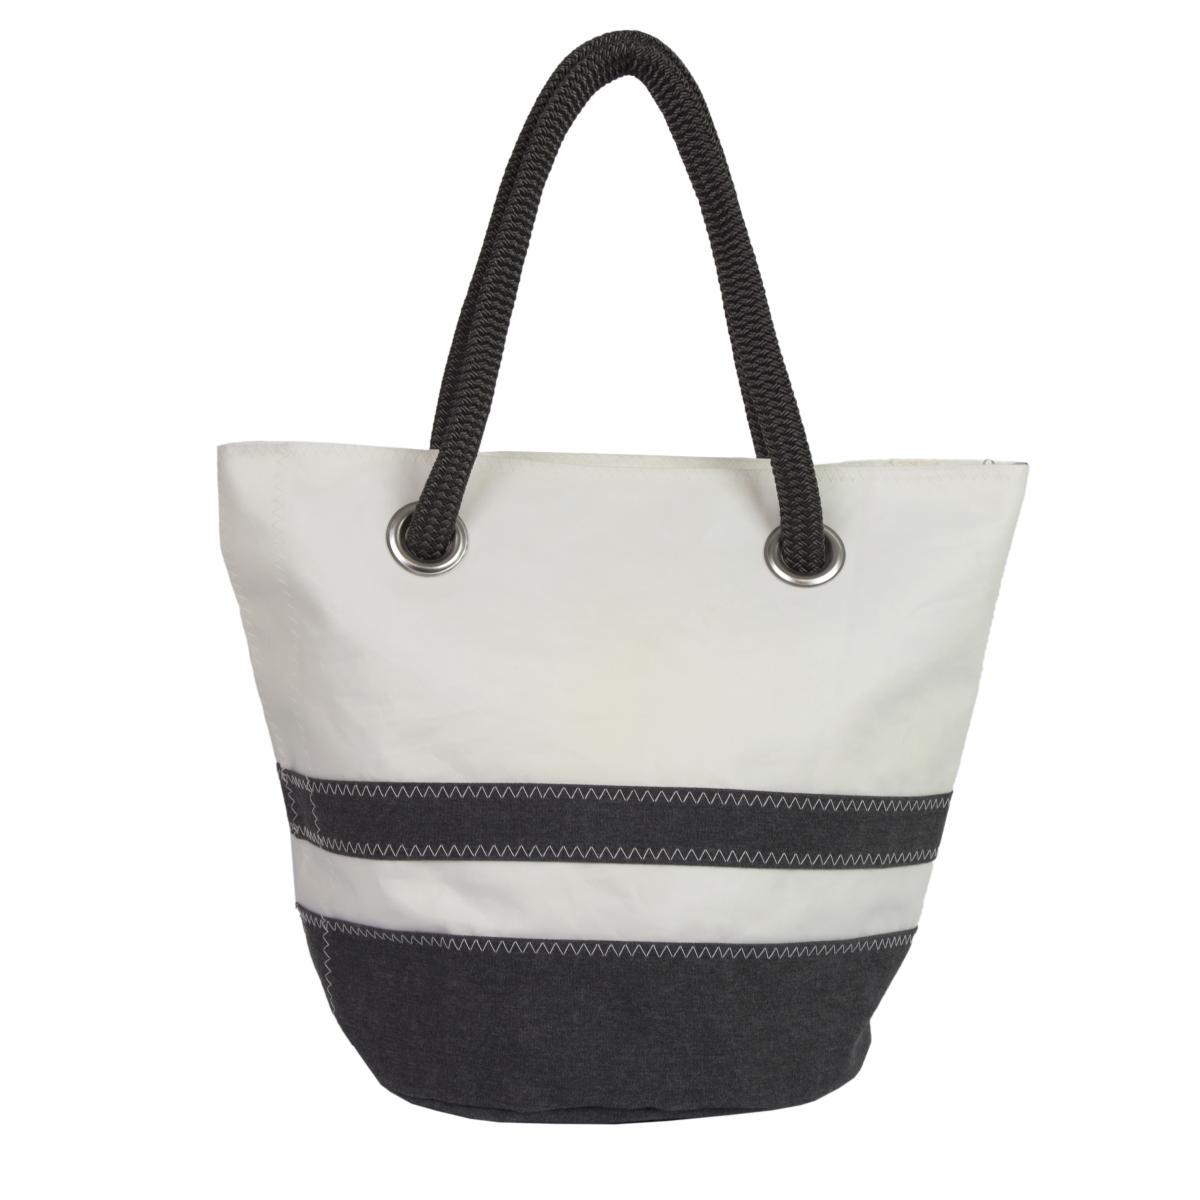 Sandy Tasche Dacron natur mit schwarzen Streifen Rückseite